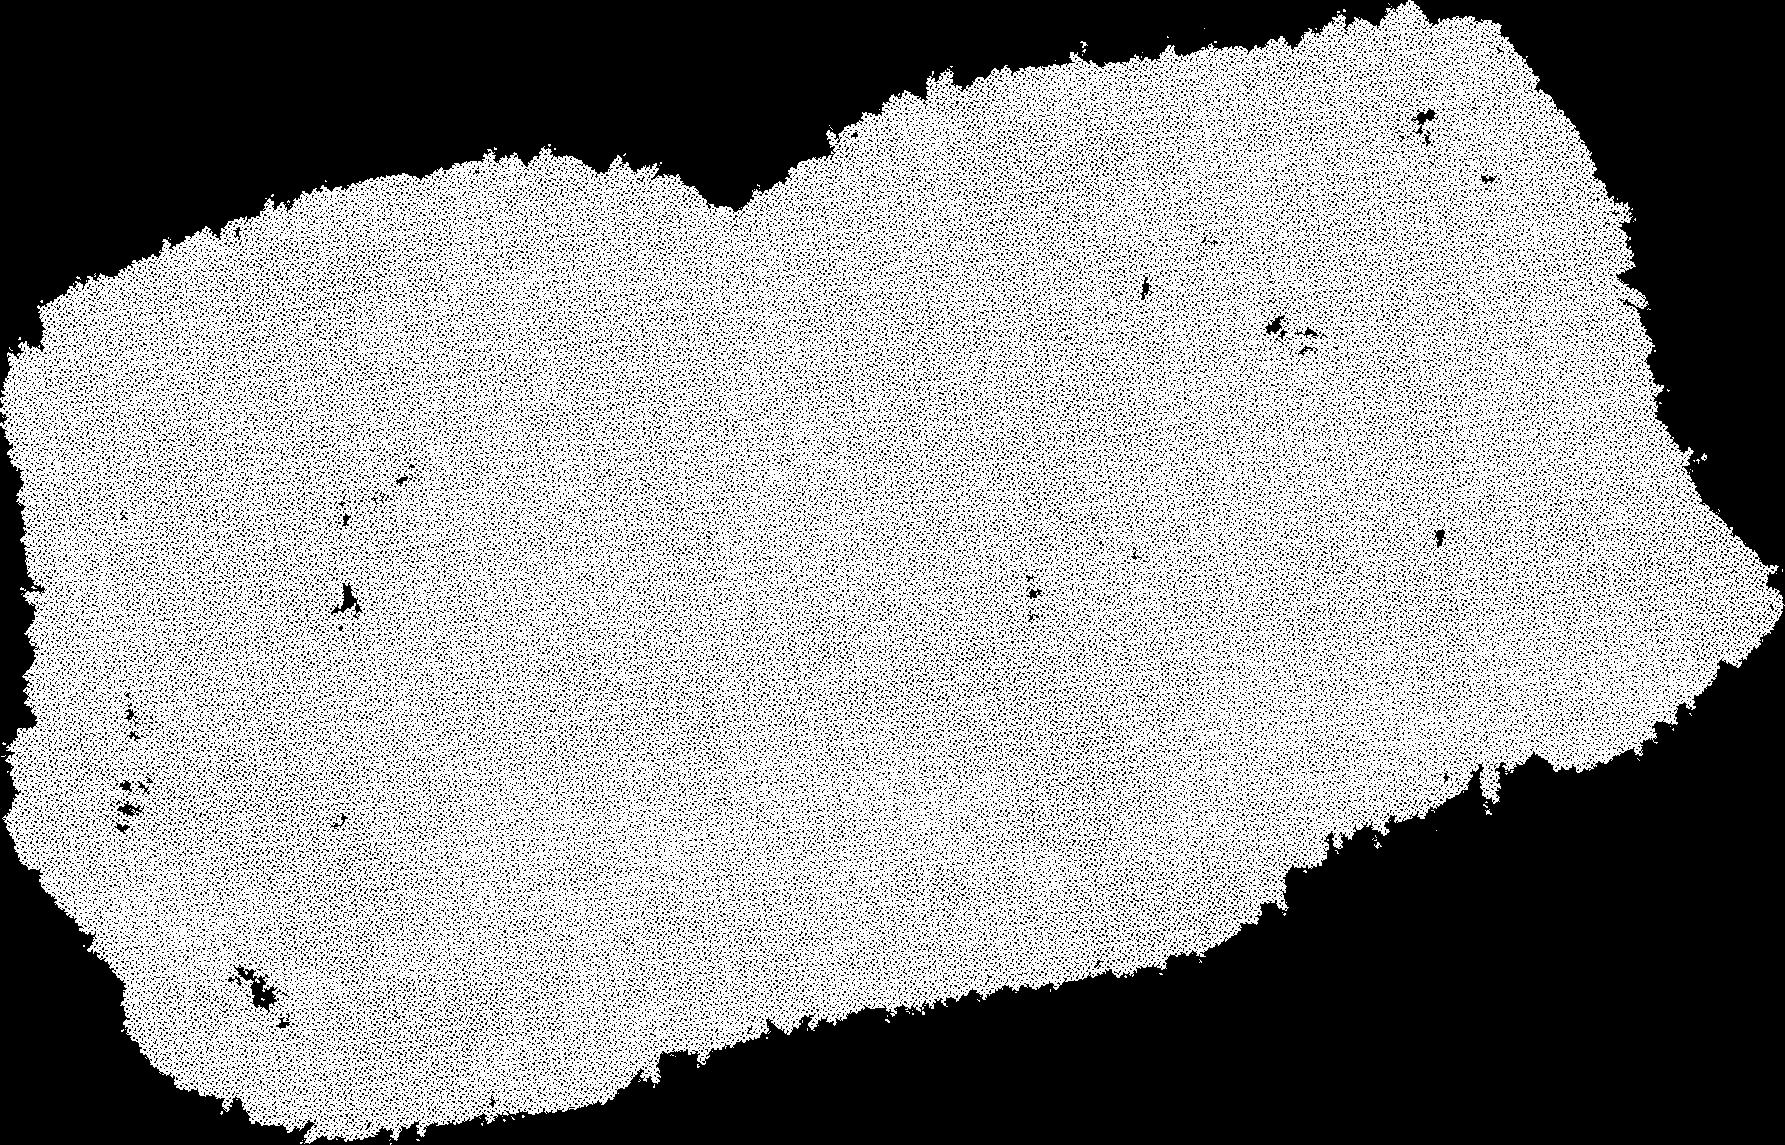 תמונת רקע